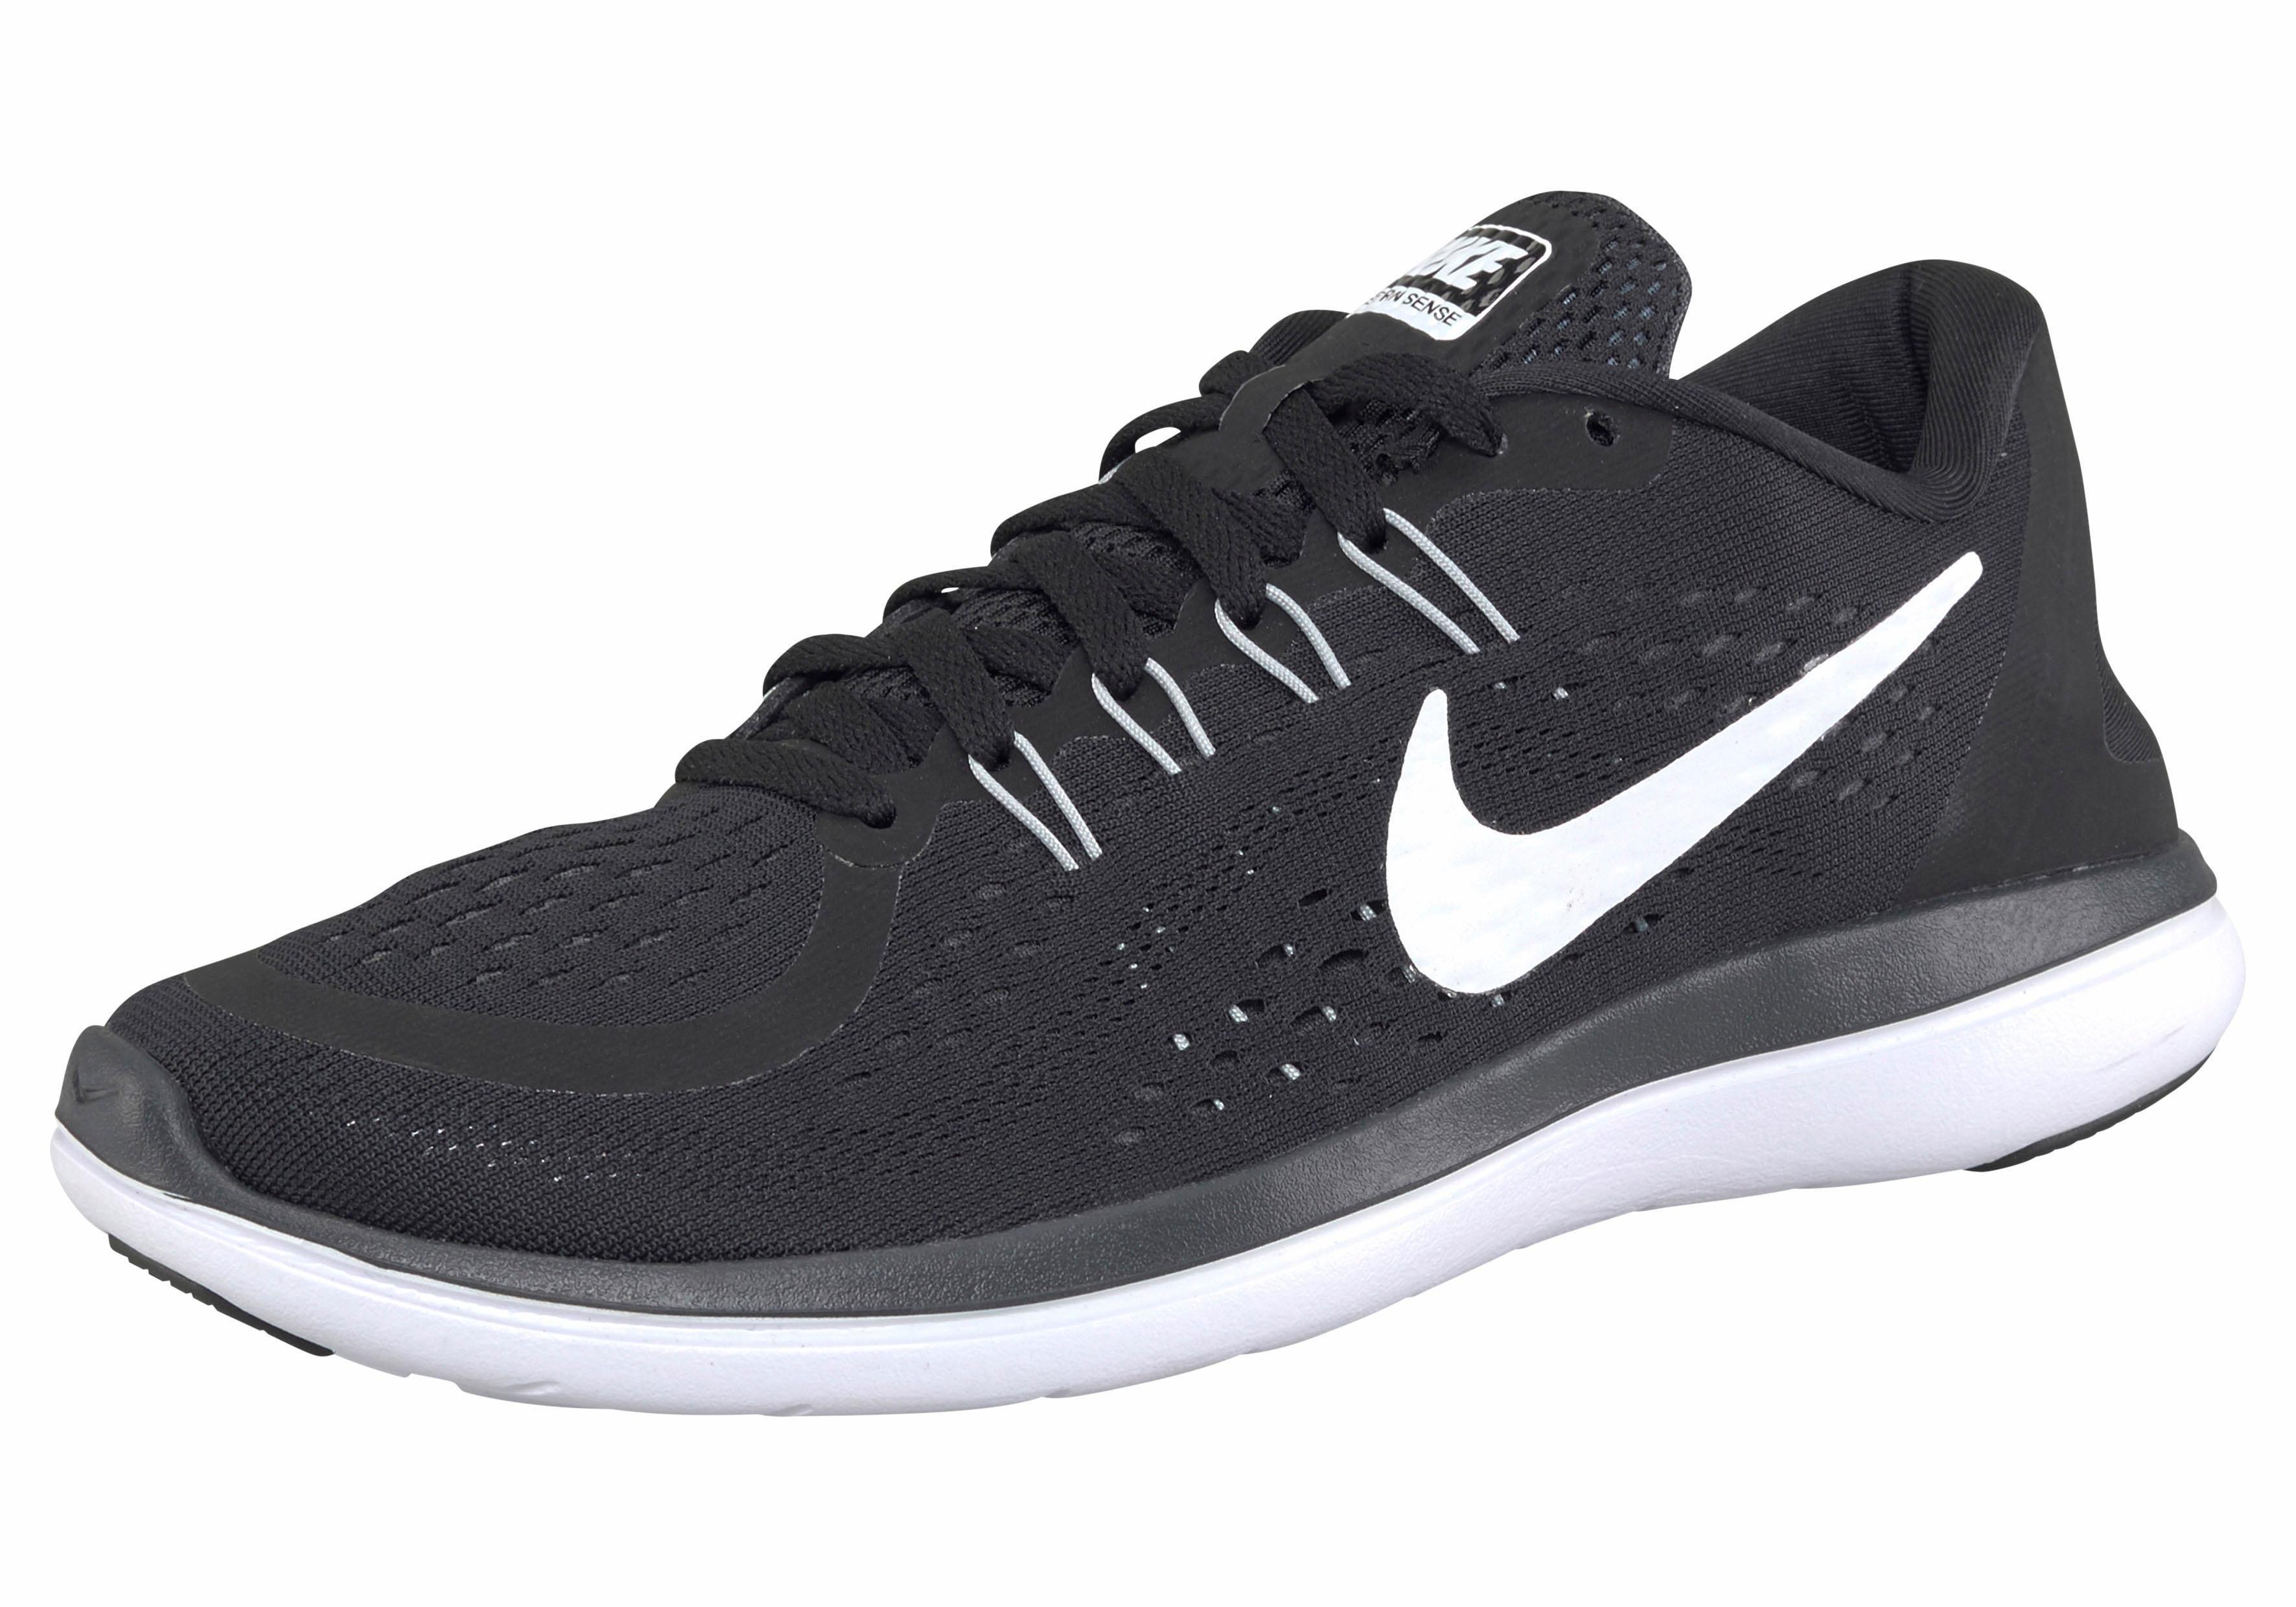 Nike runningschoenen »Wmns Flex Run 2017« bij OTTO online kopen